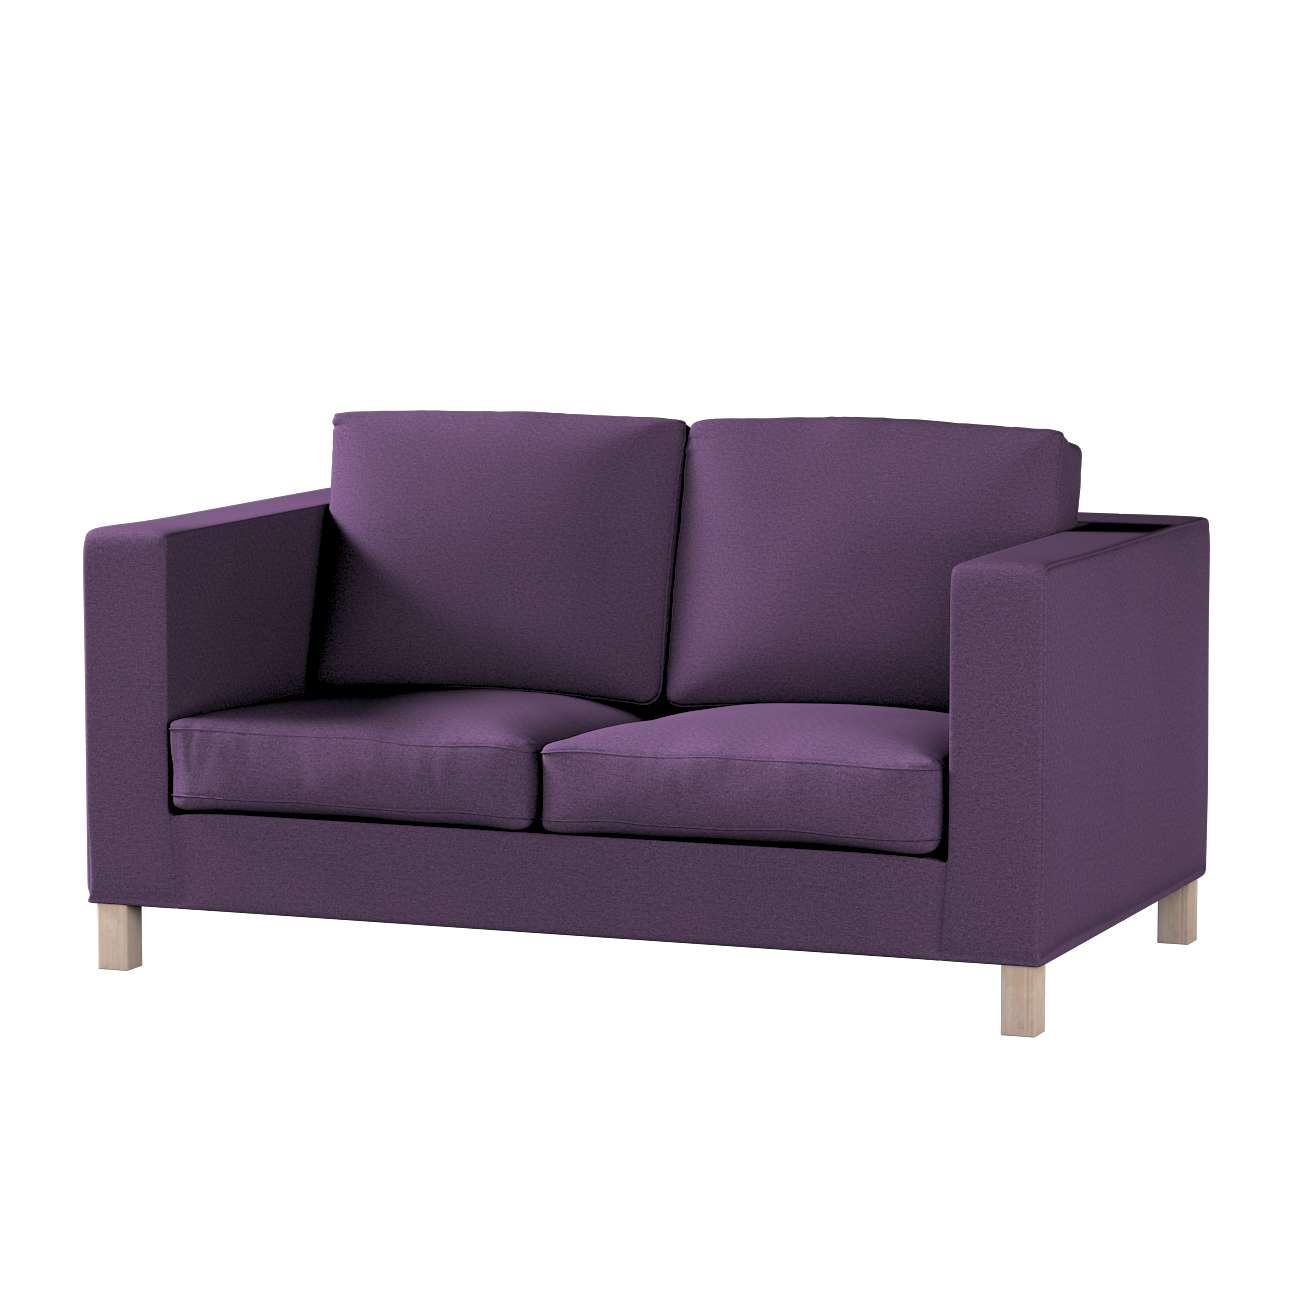 Bezug für Karlanda 2-Sitzer Sofa nicht ausklappbar, kurz von der Kollektion Etna, Stoff: 161-27